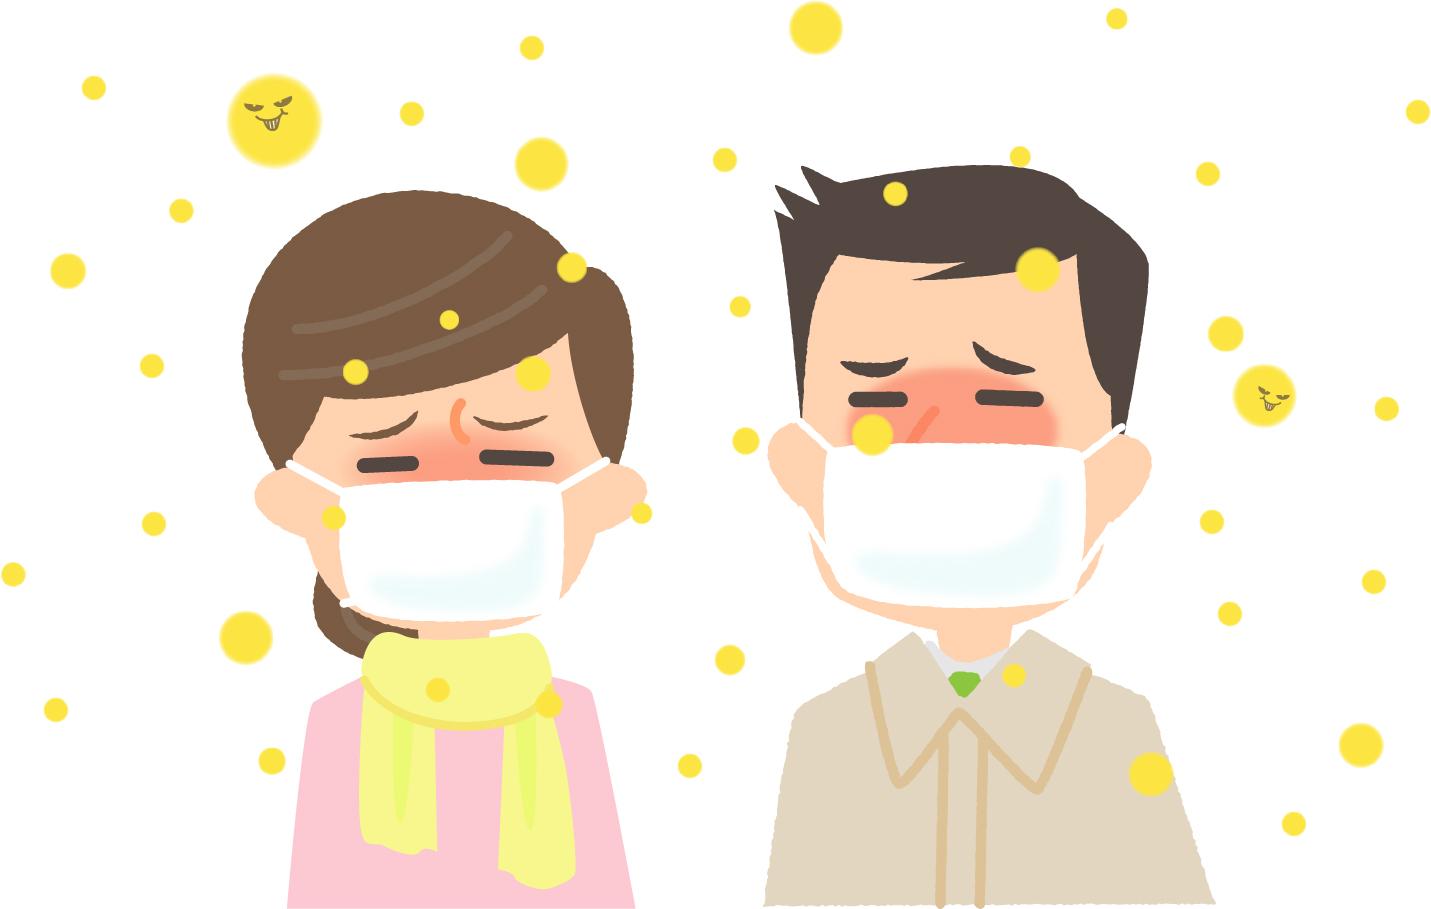 花粉症にも季節があるって本当!?季節ごとの花粉症